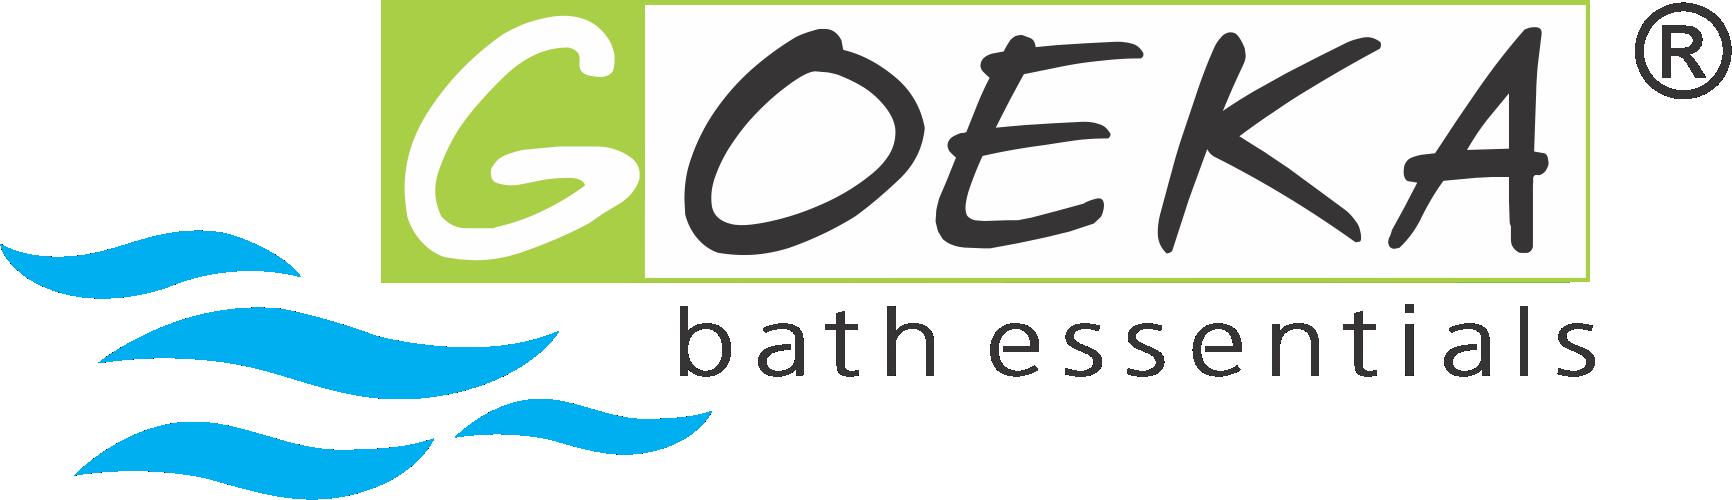 Goeka India Bath essentials Portfolio